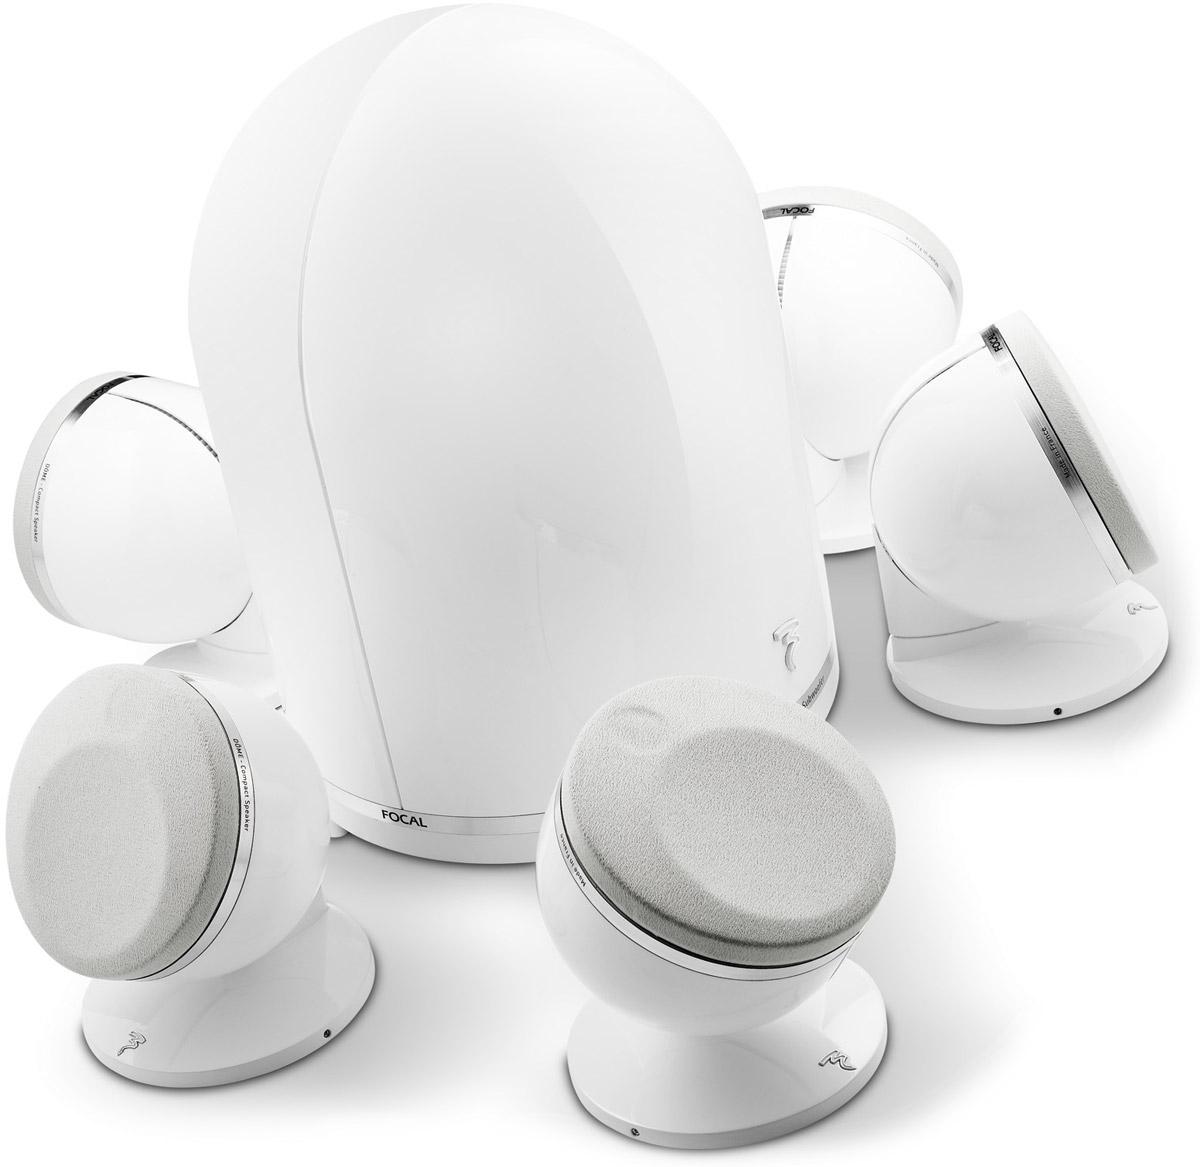 Elément séparé Pack d'enceintes FOCAL Dome 5.1 blanc